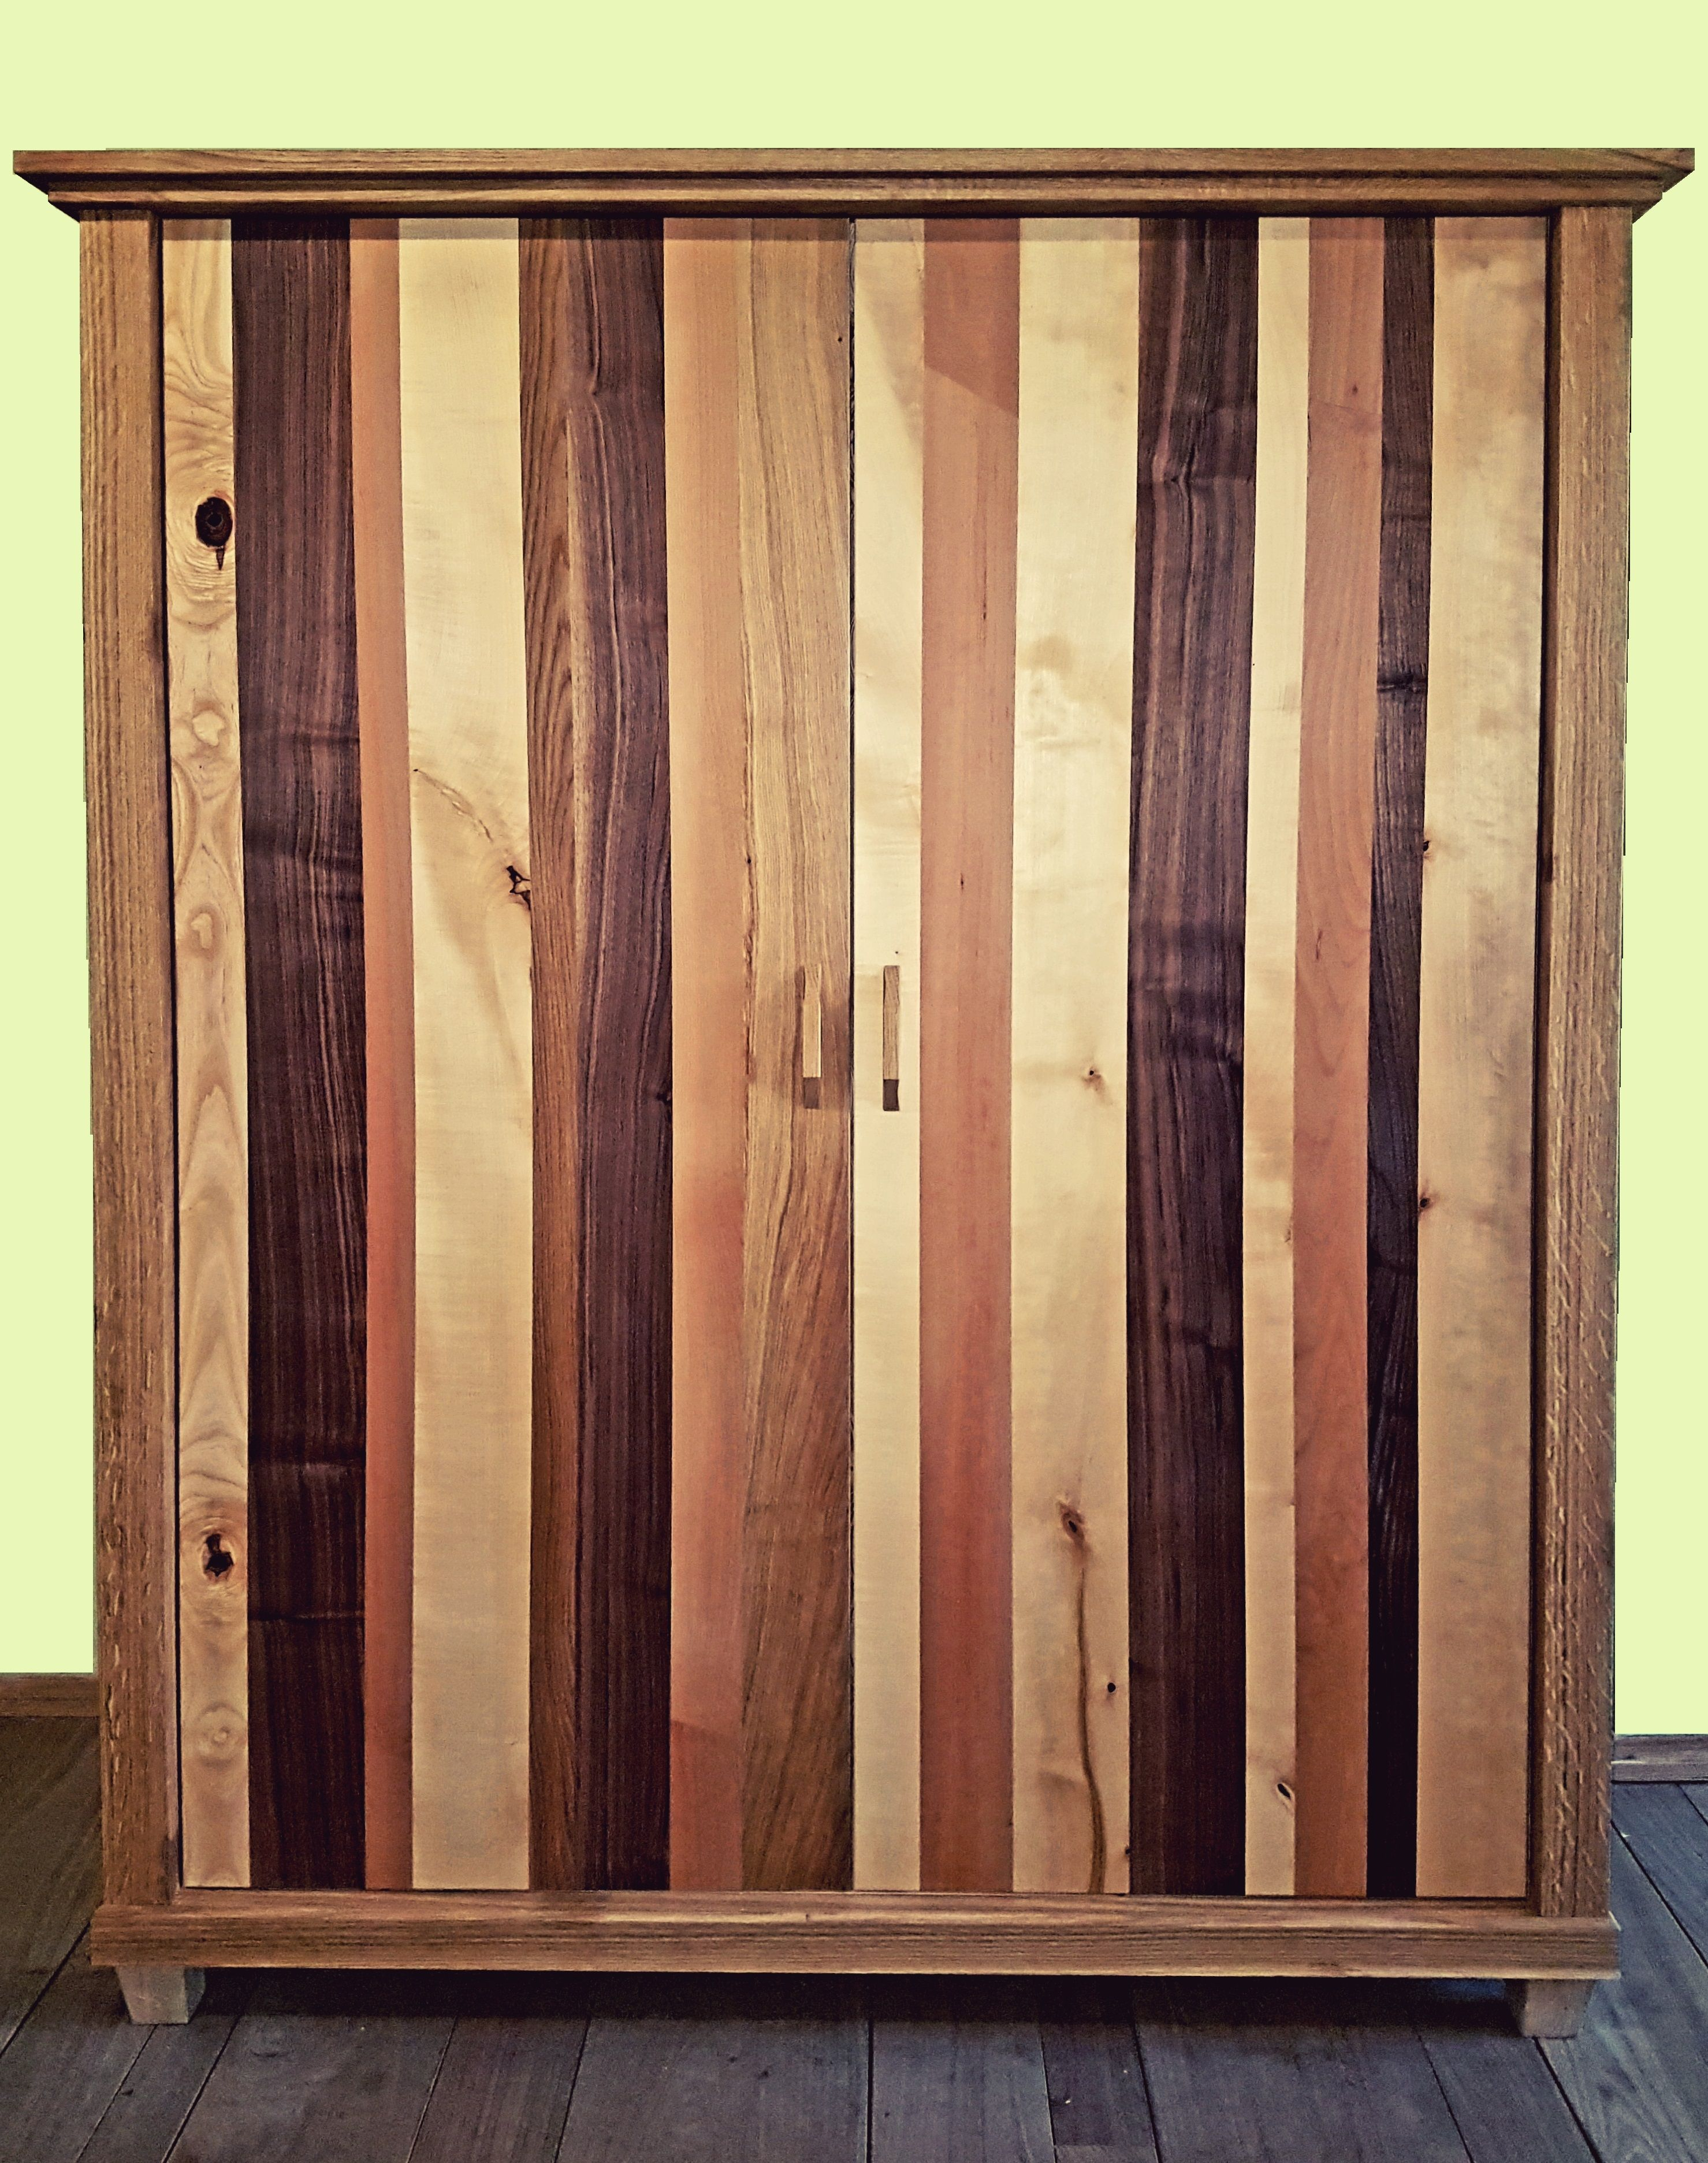 Schrank Aus Massivholz In Verschiedenen Sorten Eiche